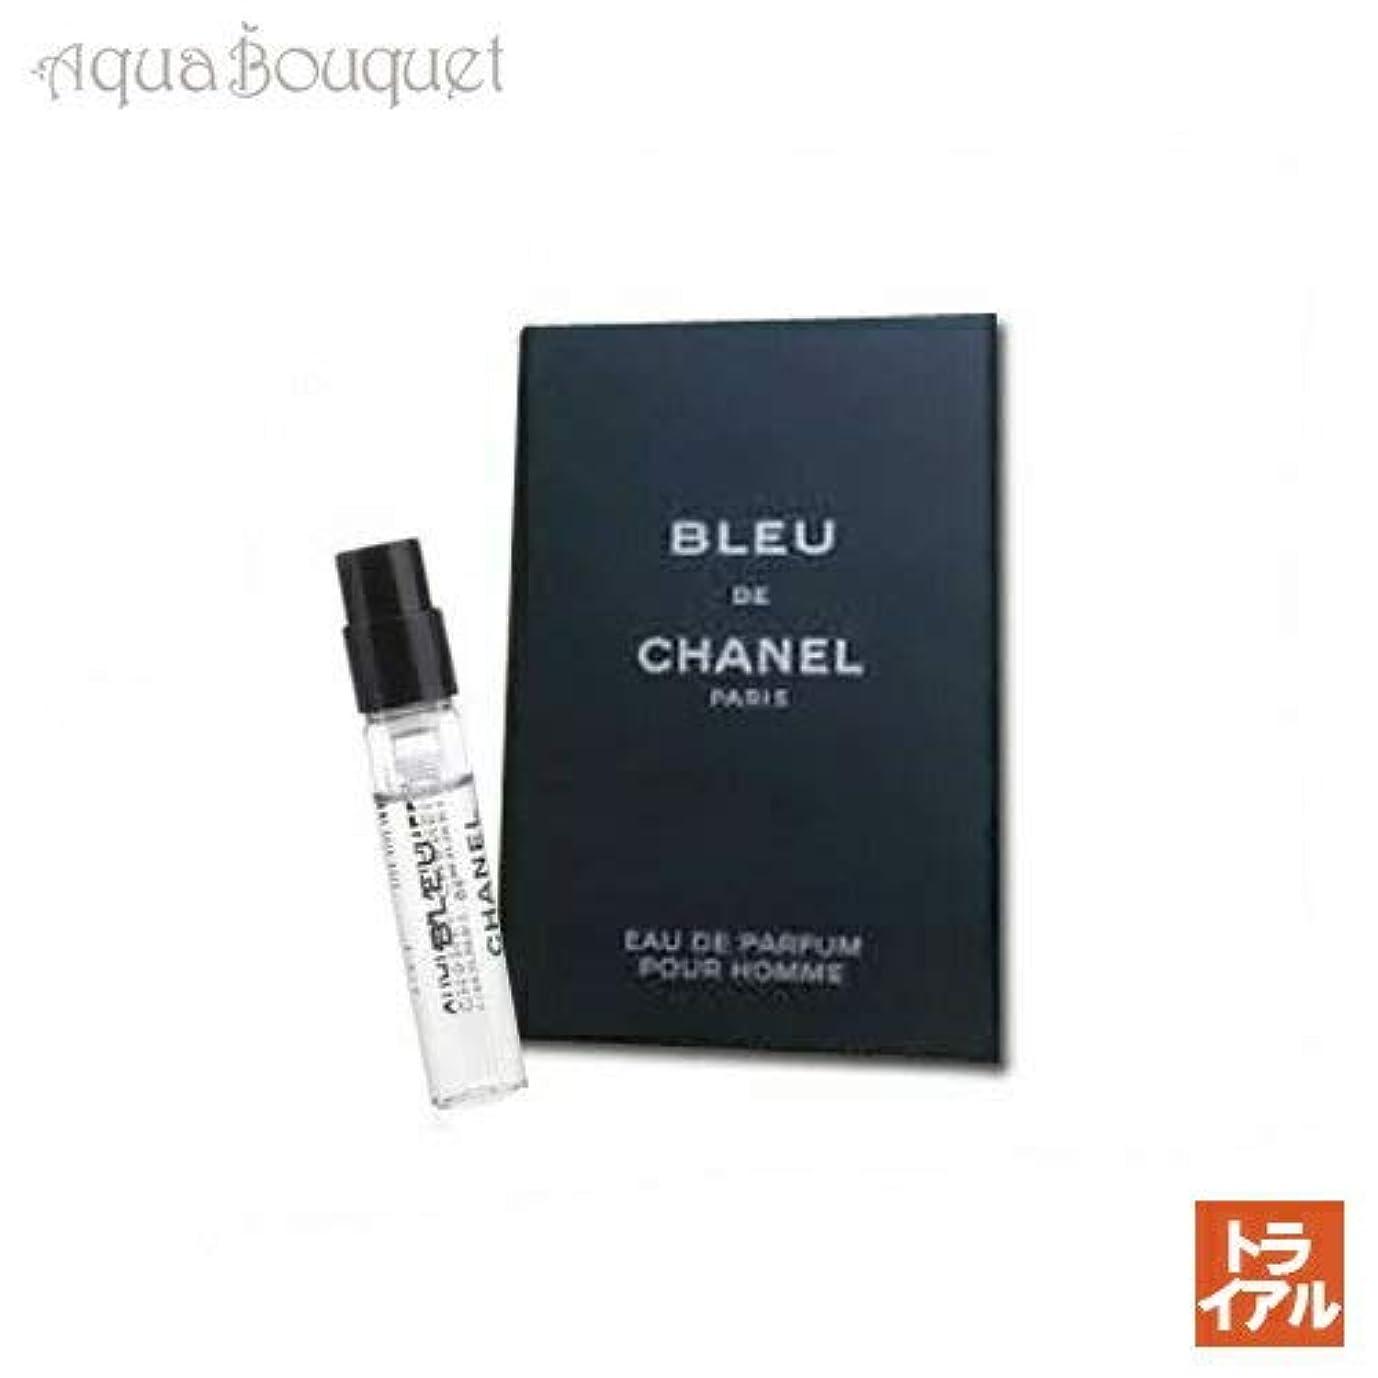 真珠のような既にあえてシャネル ブルードゥシャネル オードパルファム 1.5ml CHANEL BLEU DE CHANEL EDP POUR HOMME [037355] [並行輸入品]